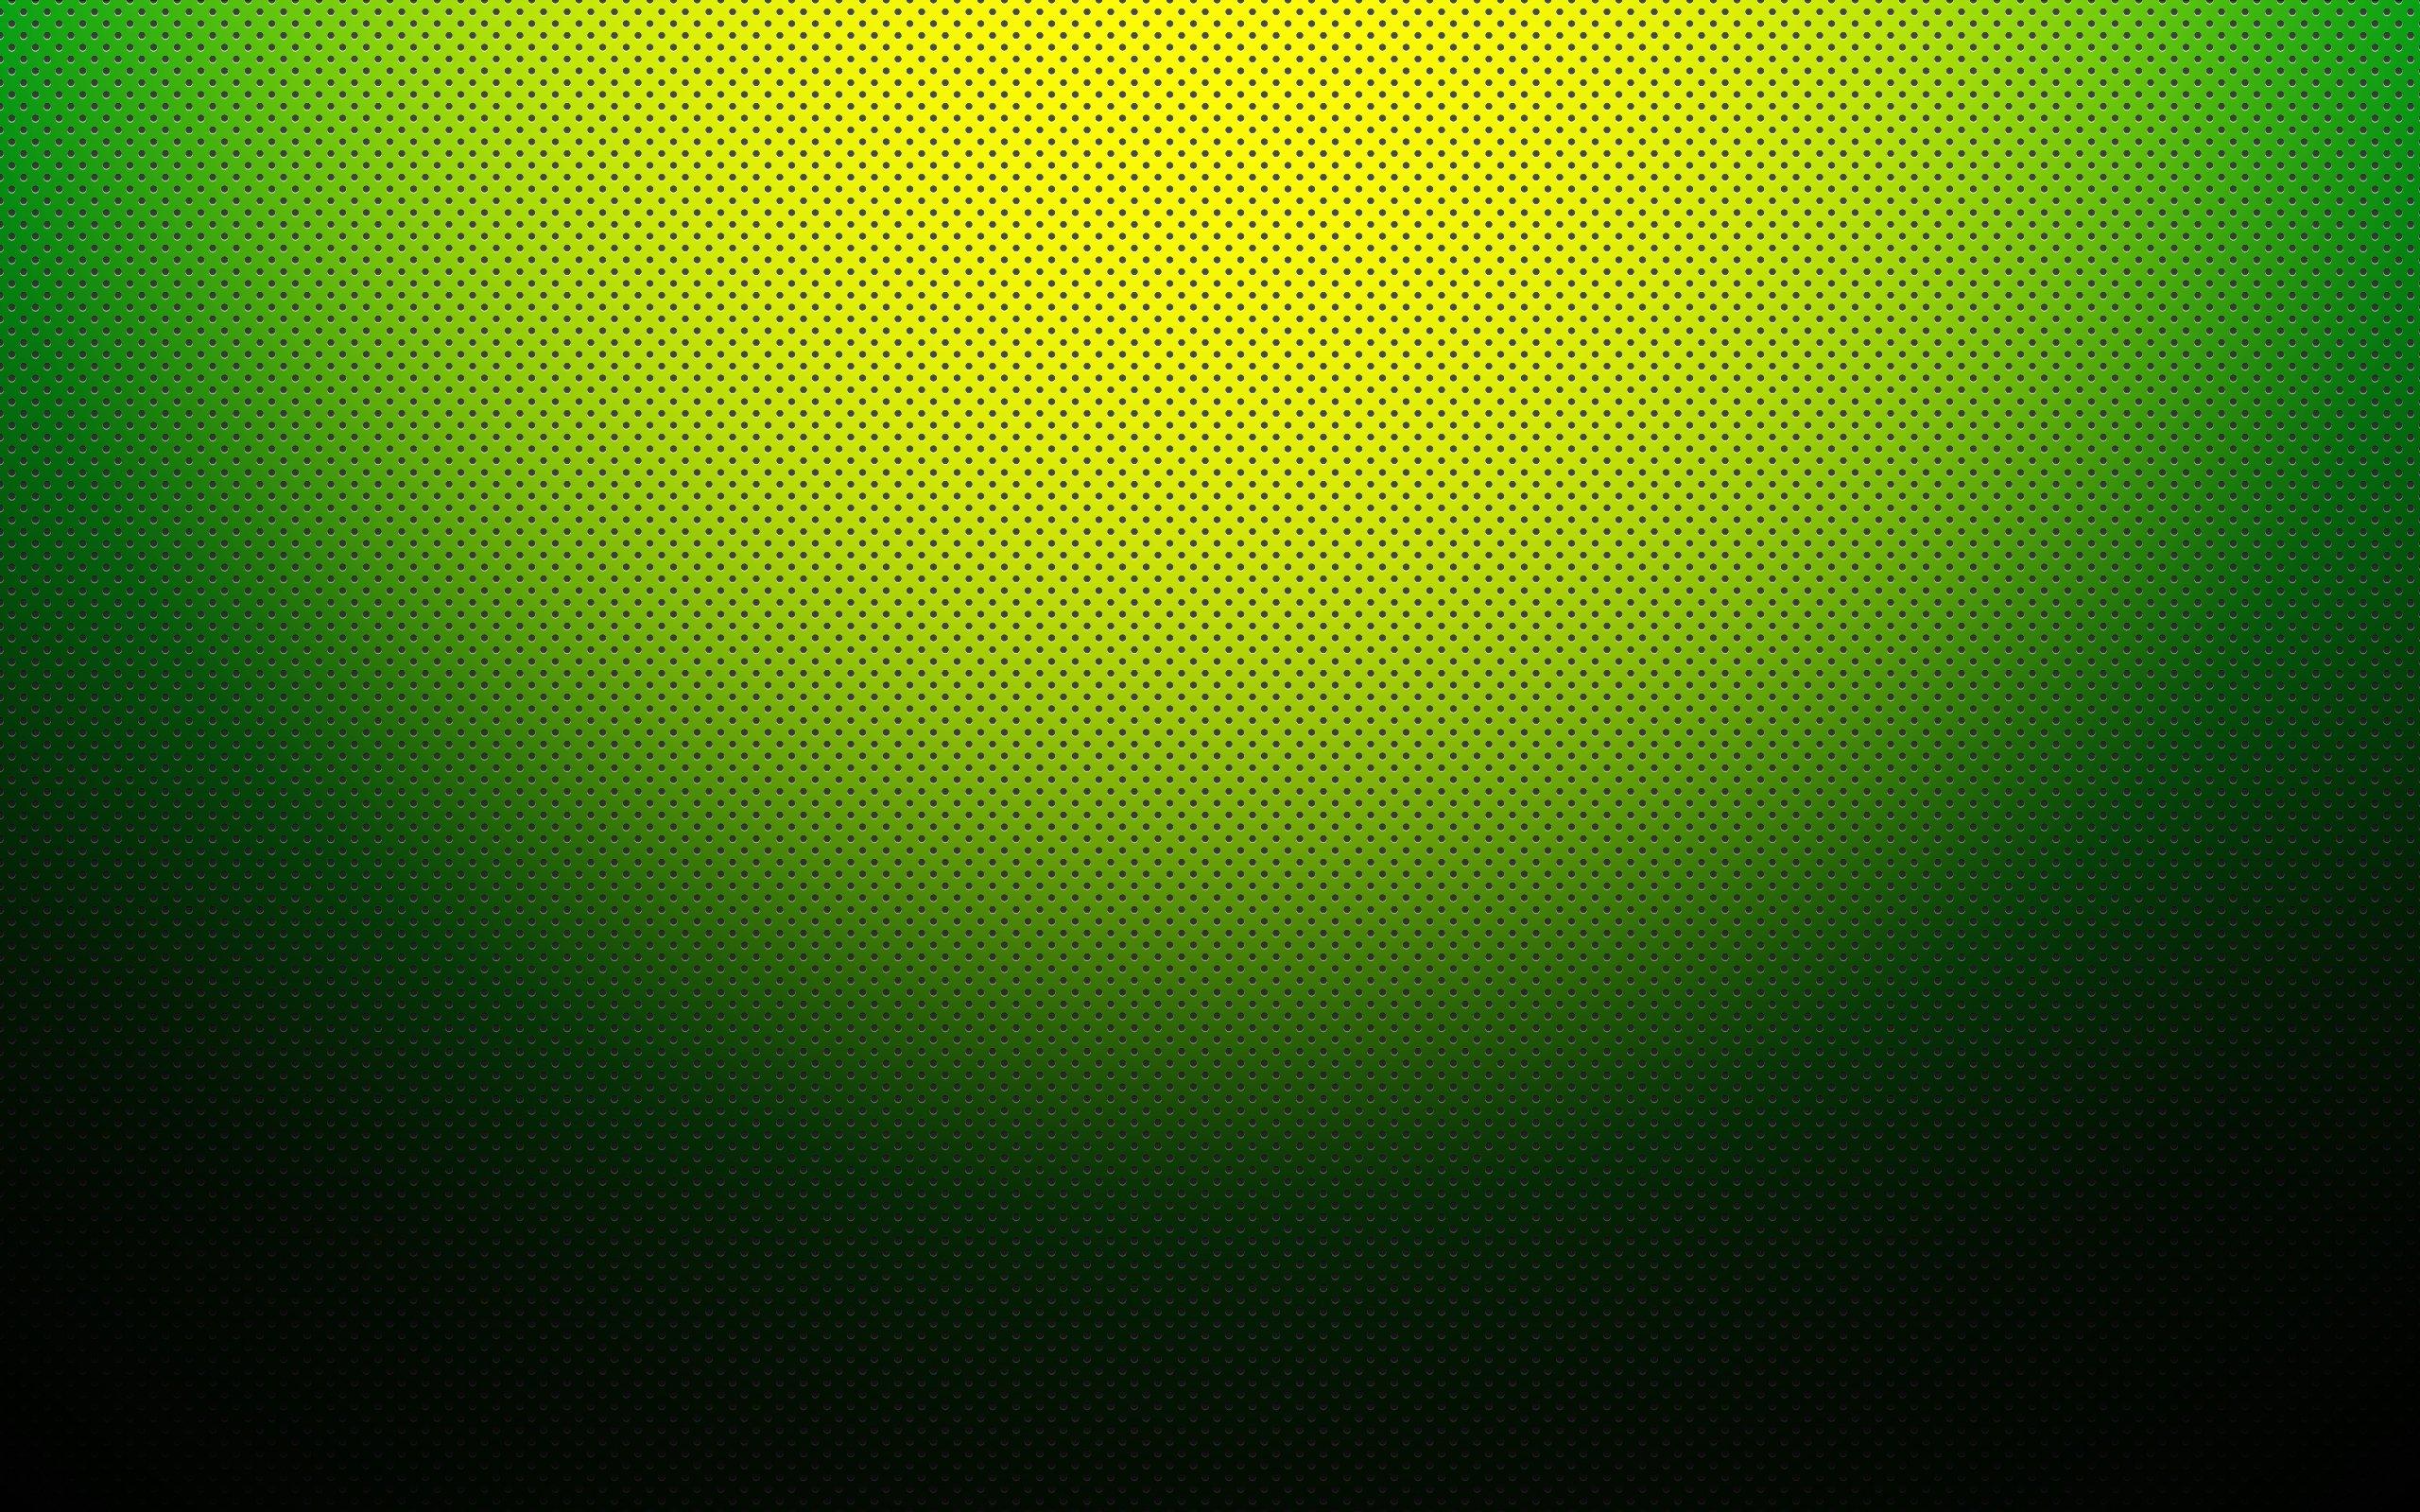 Green Background Textures Wallpaper  2560x1600 553846 WallpaperUP